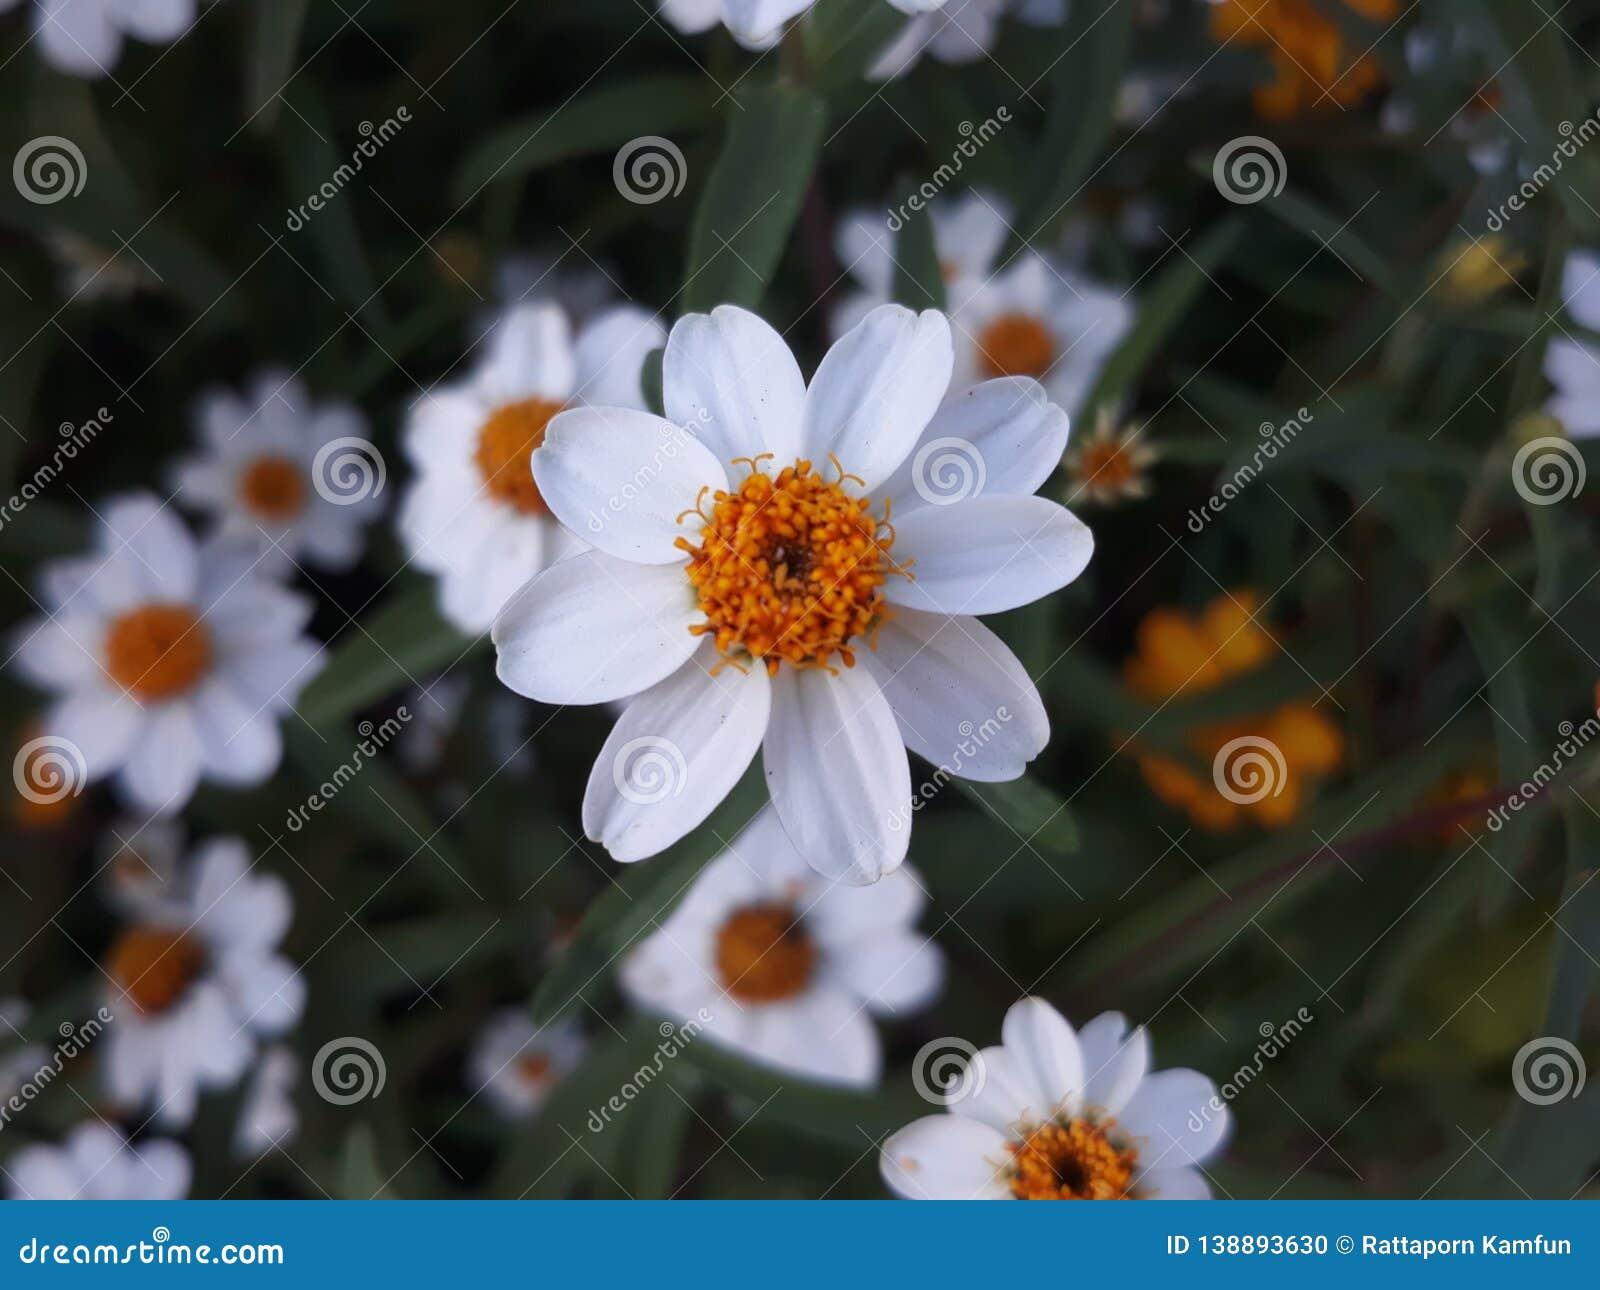 Silver flower button